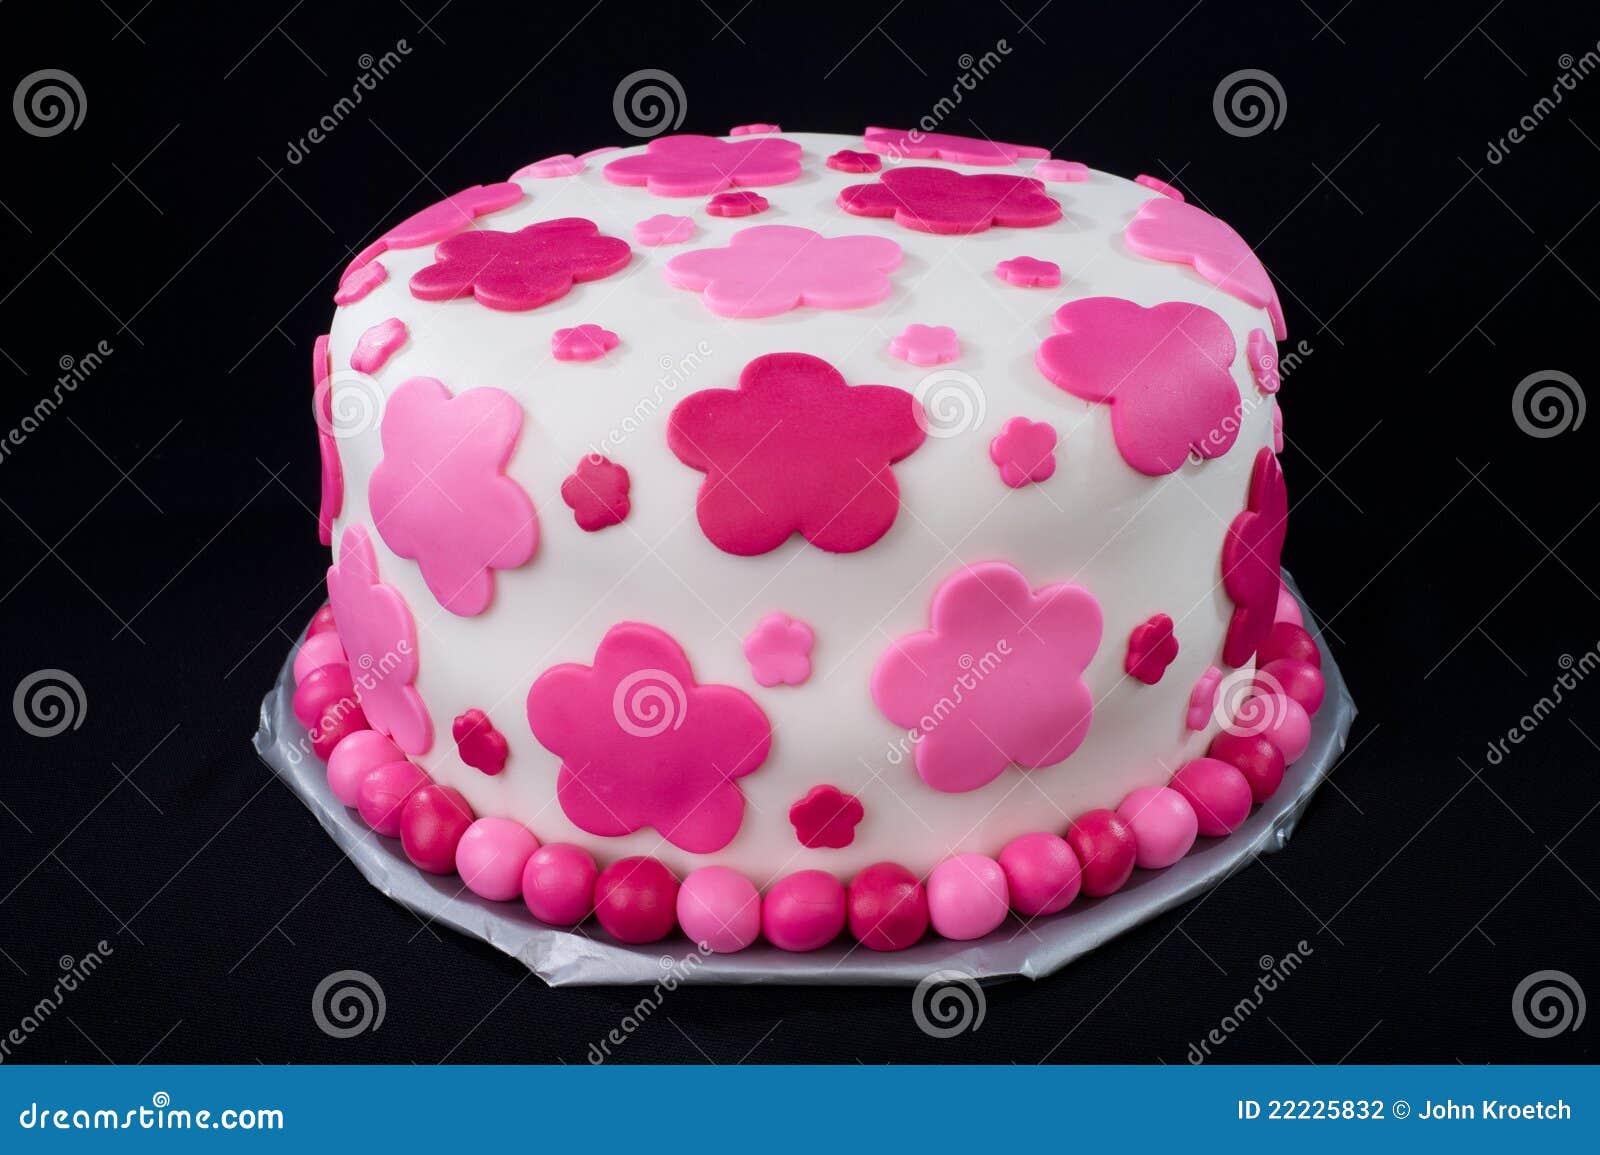 Weisser Fondant Kuchen Mit Rosafarbenen Blumen Stockfoto Bild Von